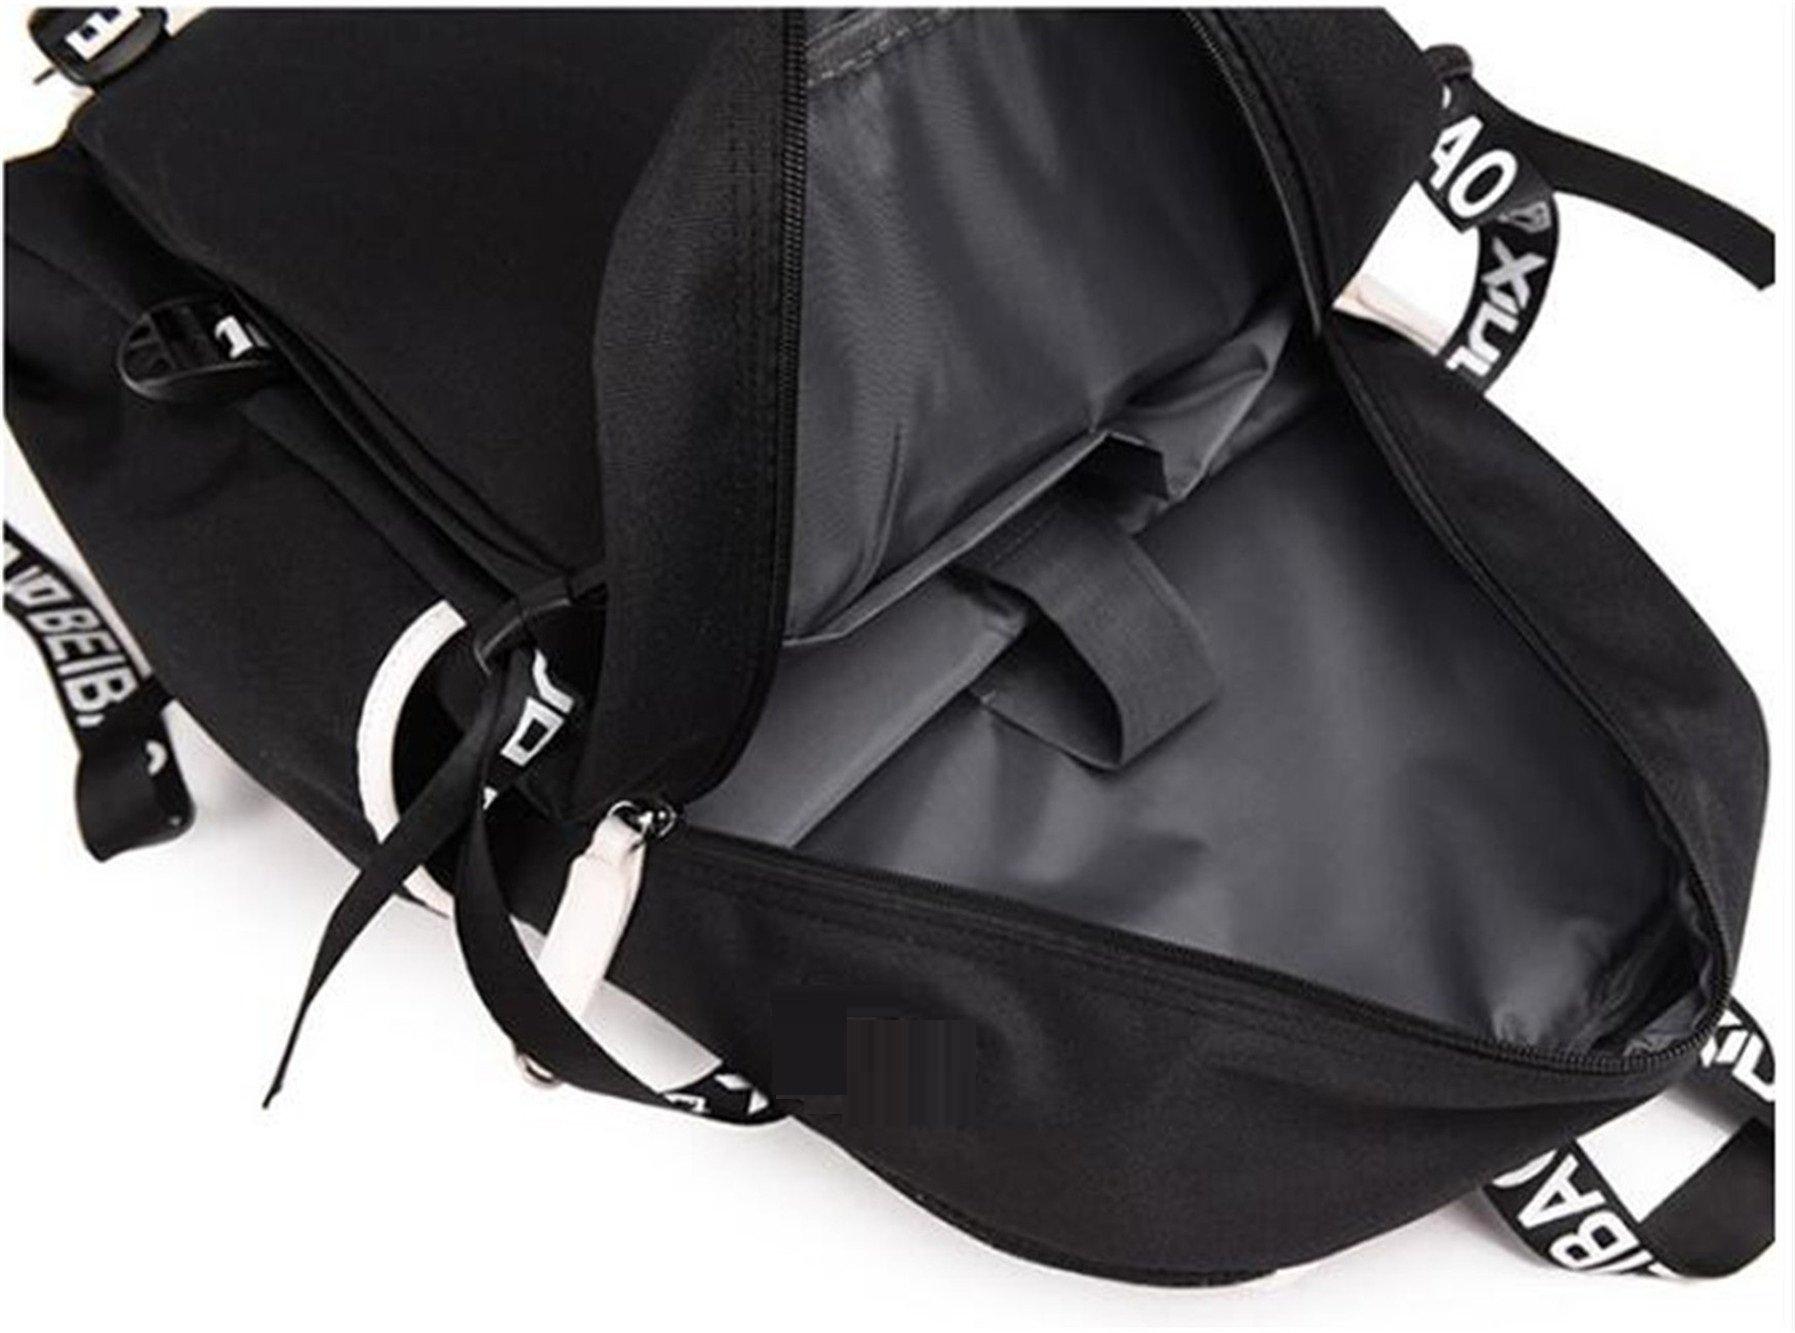 JUSTGOGO Luminous Korean Casual Daypack Laptop Bag College Bag Book Bag School Bag Backpack (Black 1) by JUSTGOGO (Image #6)